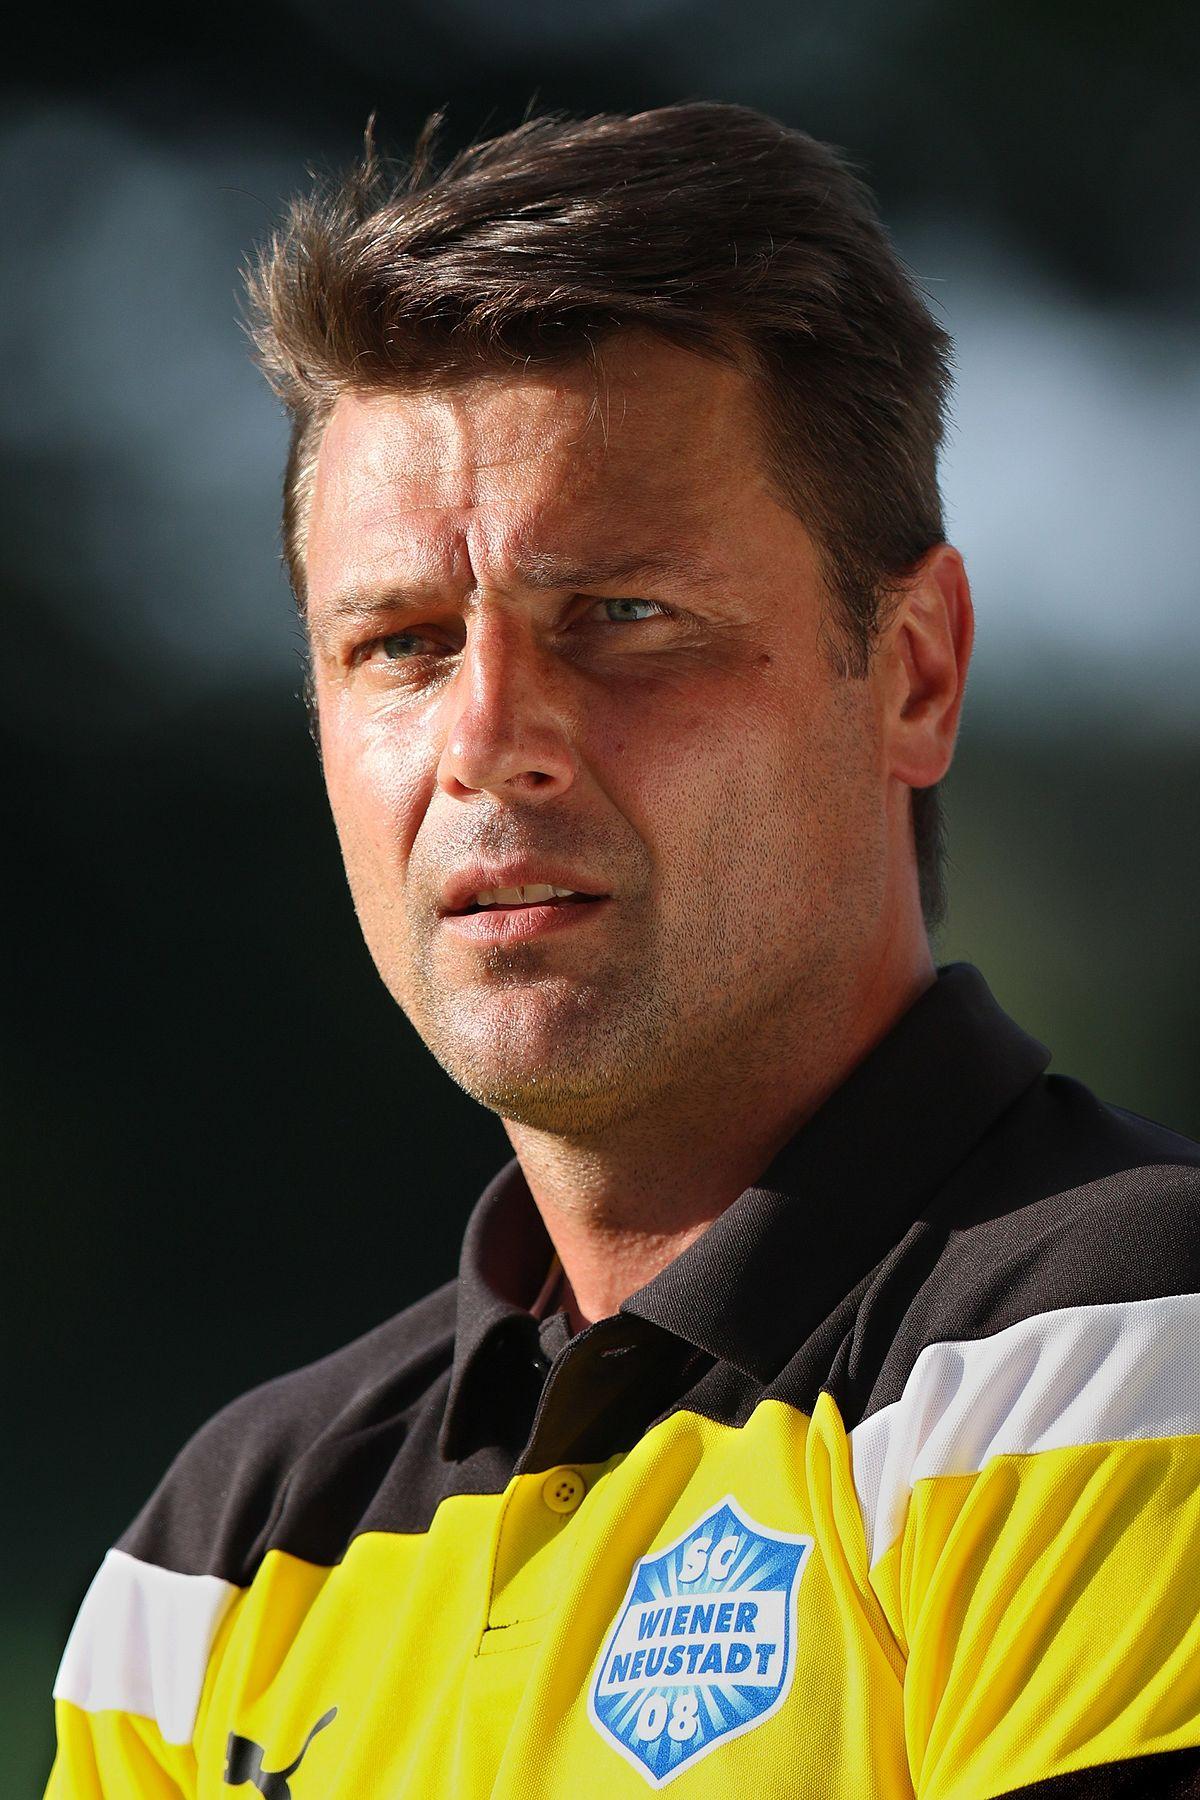 Rene Wagner